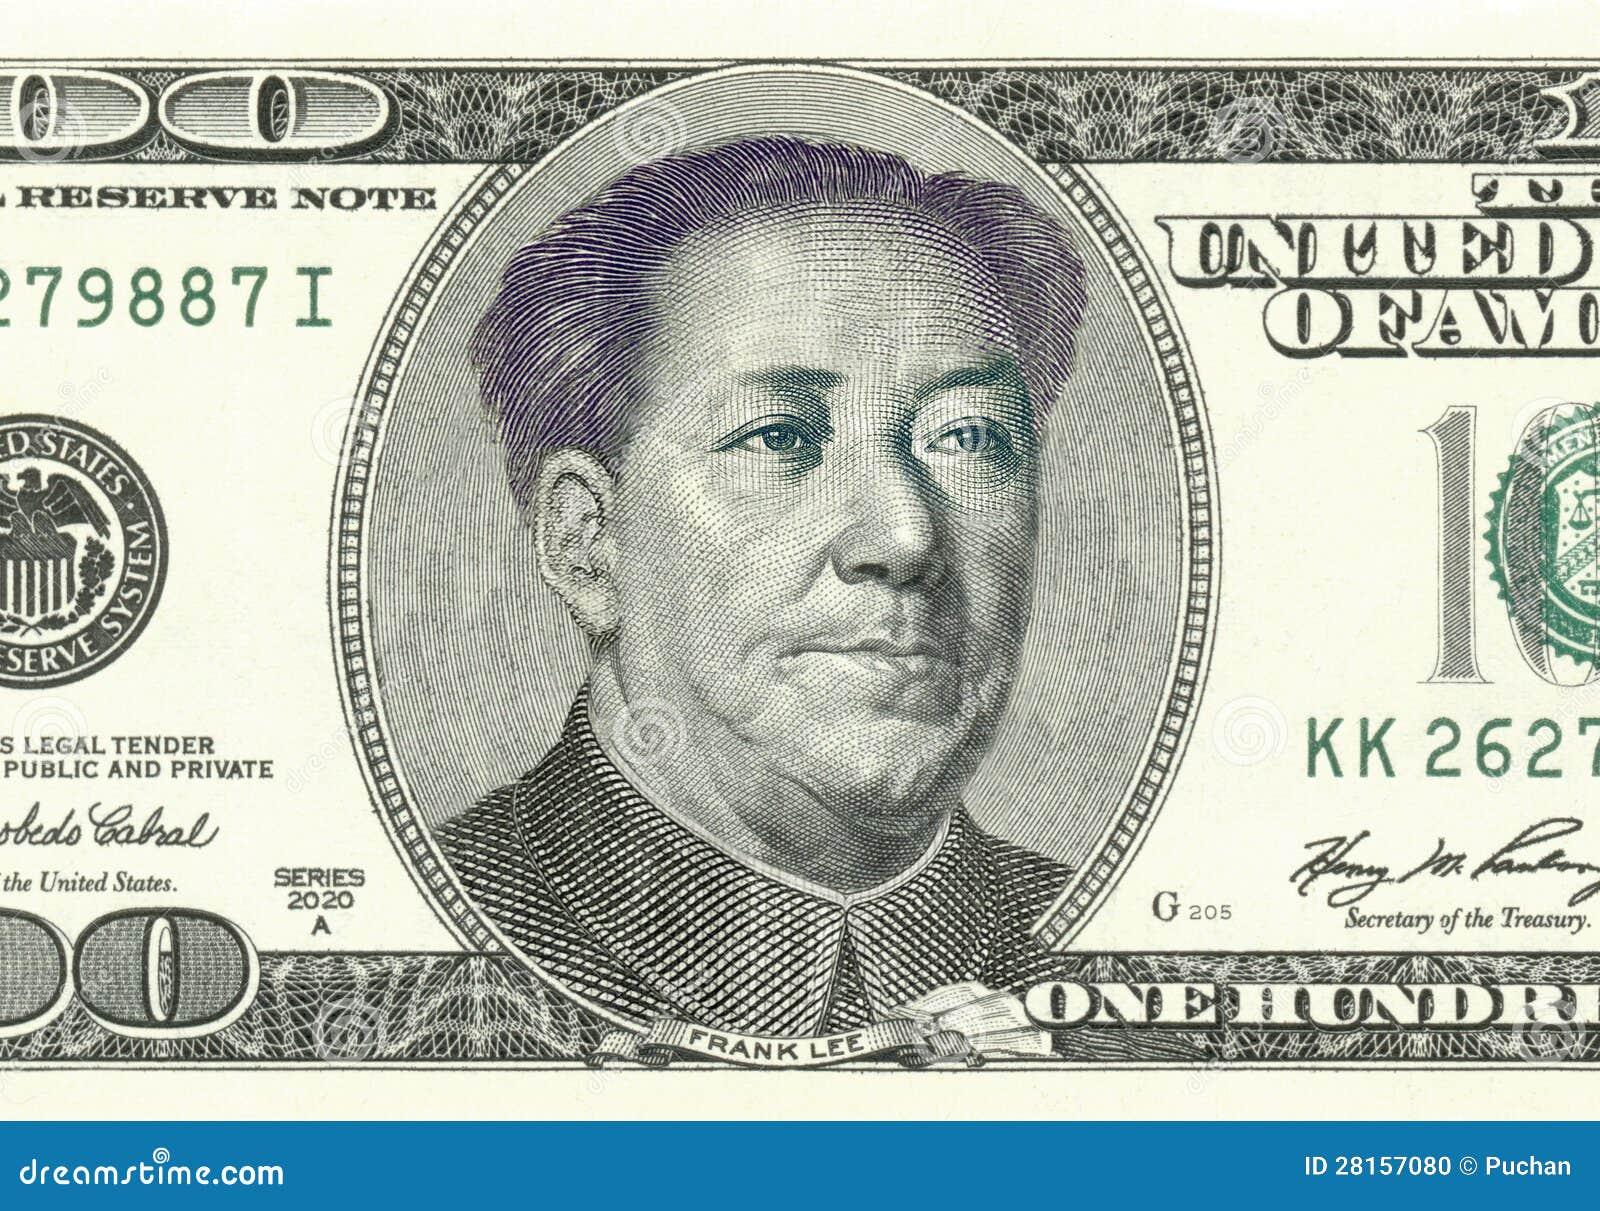 franklin converted to mao on 100 dollar bill stock illustration